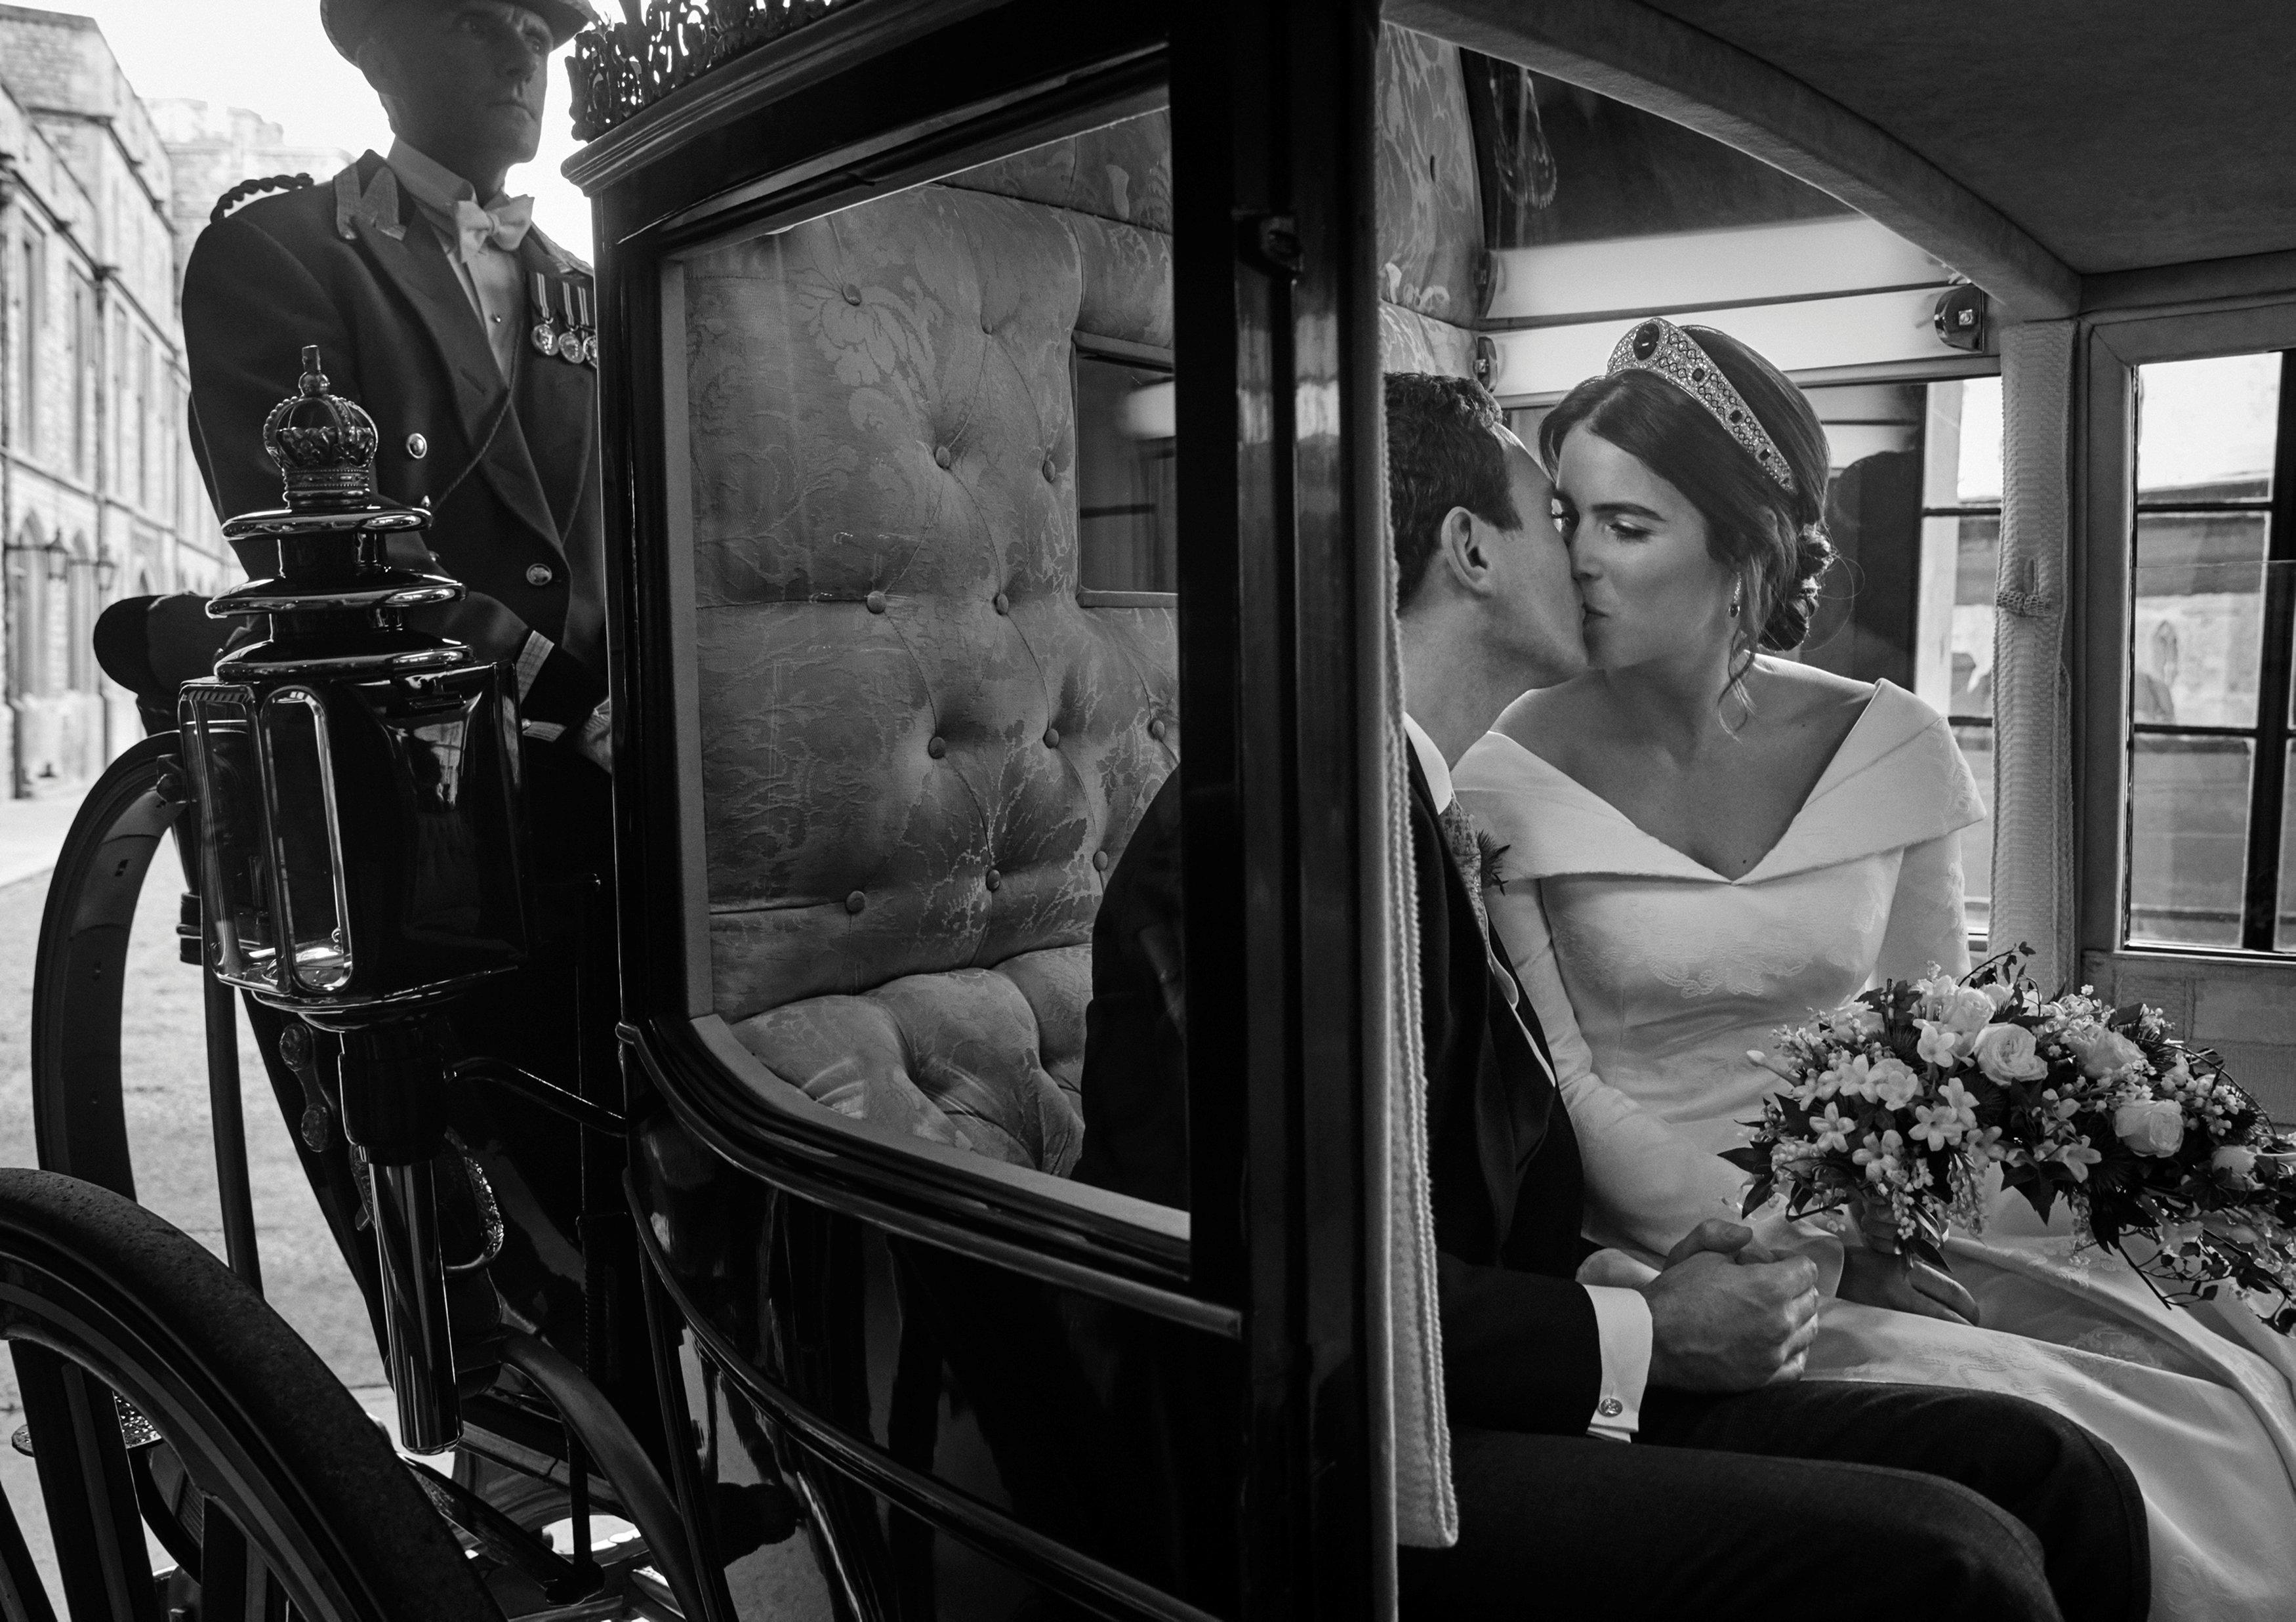 قبلة بين الأميرة وزوجها